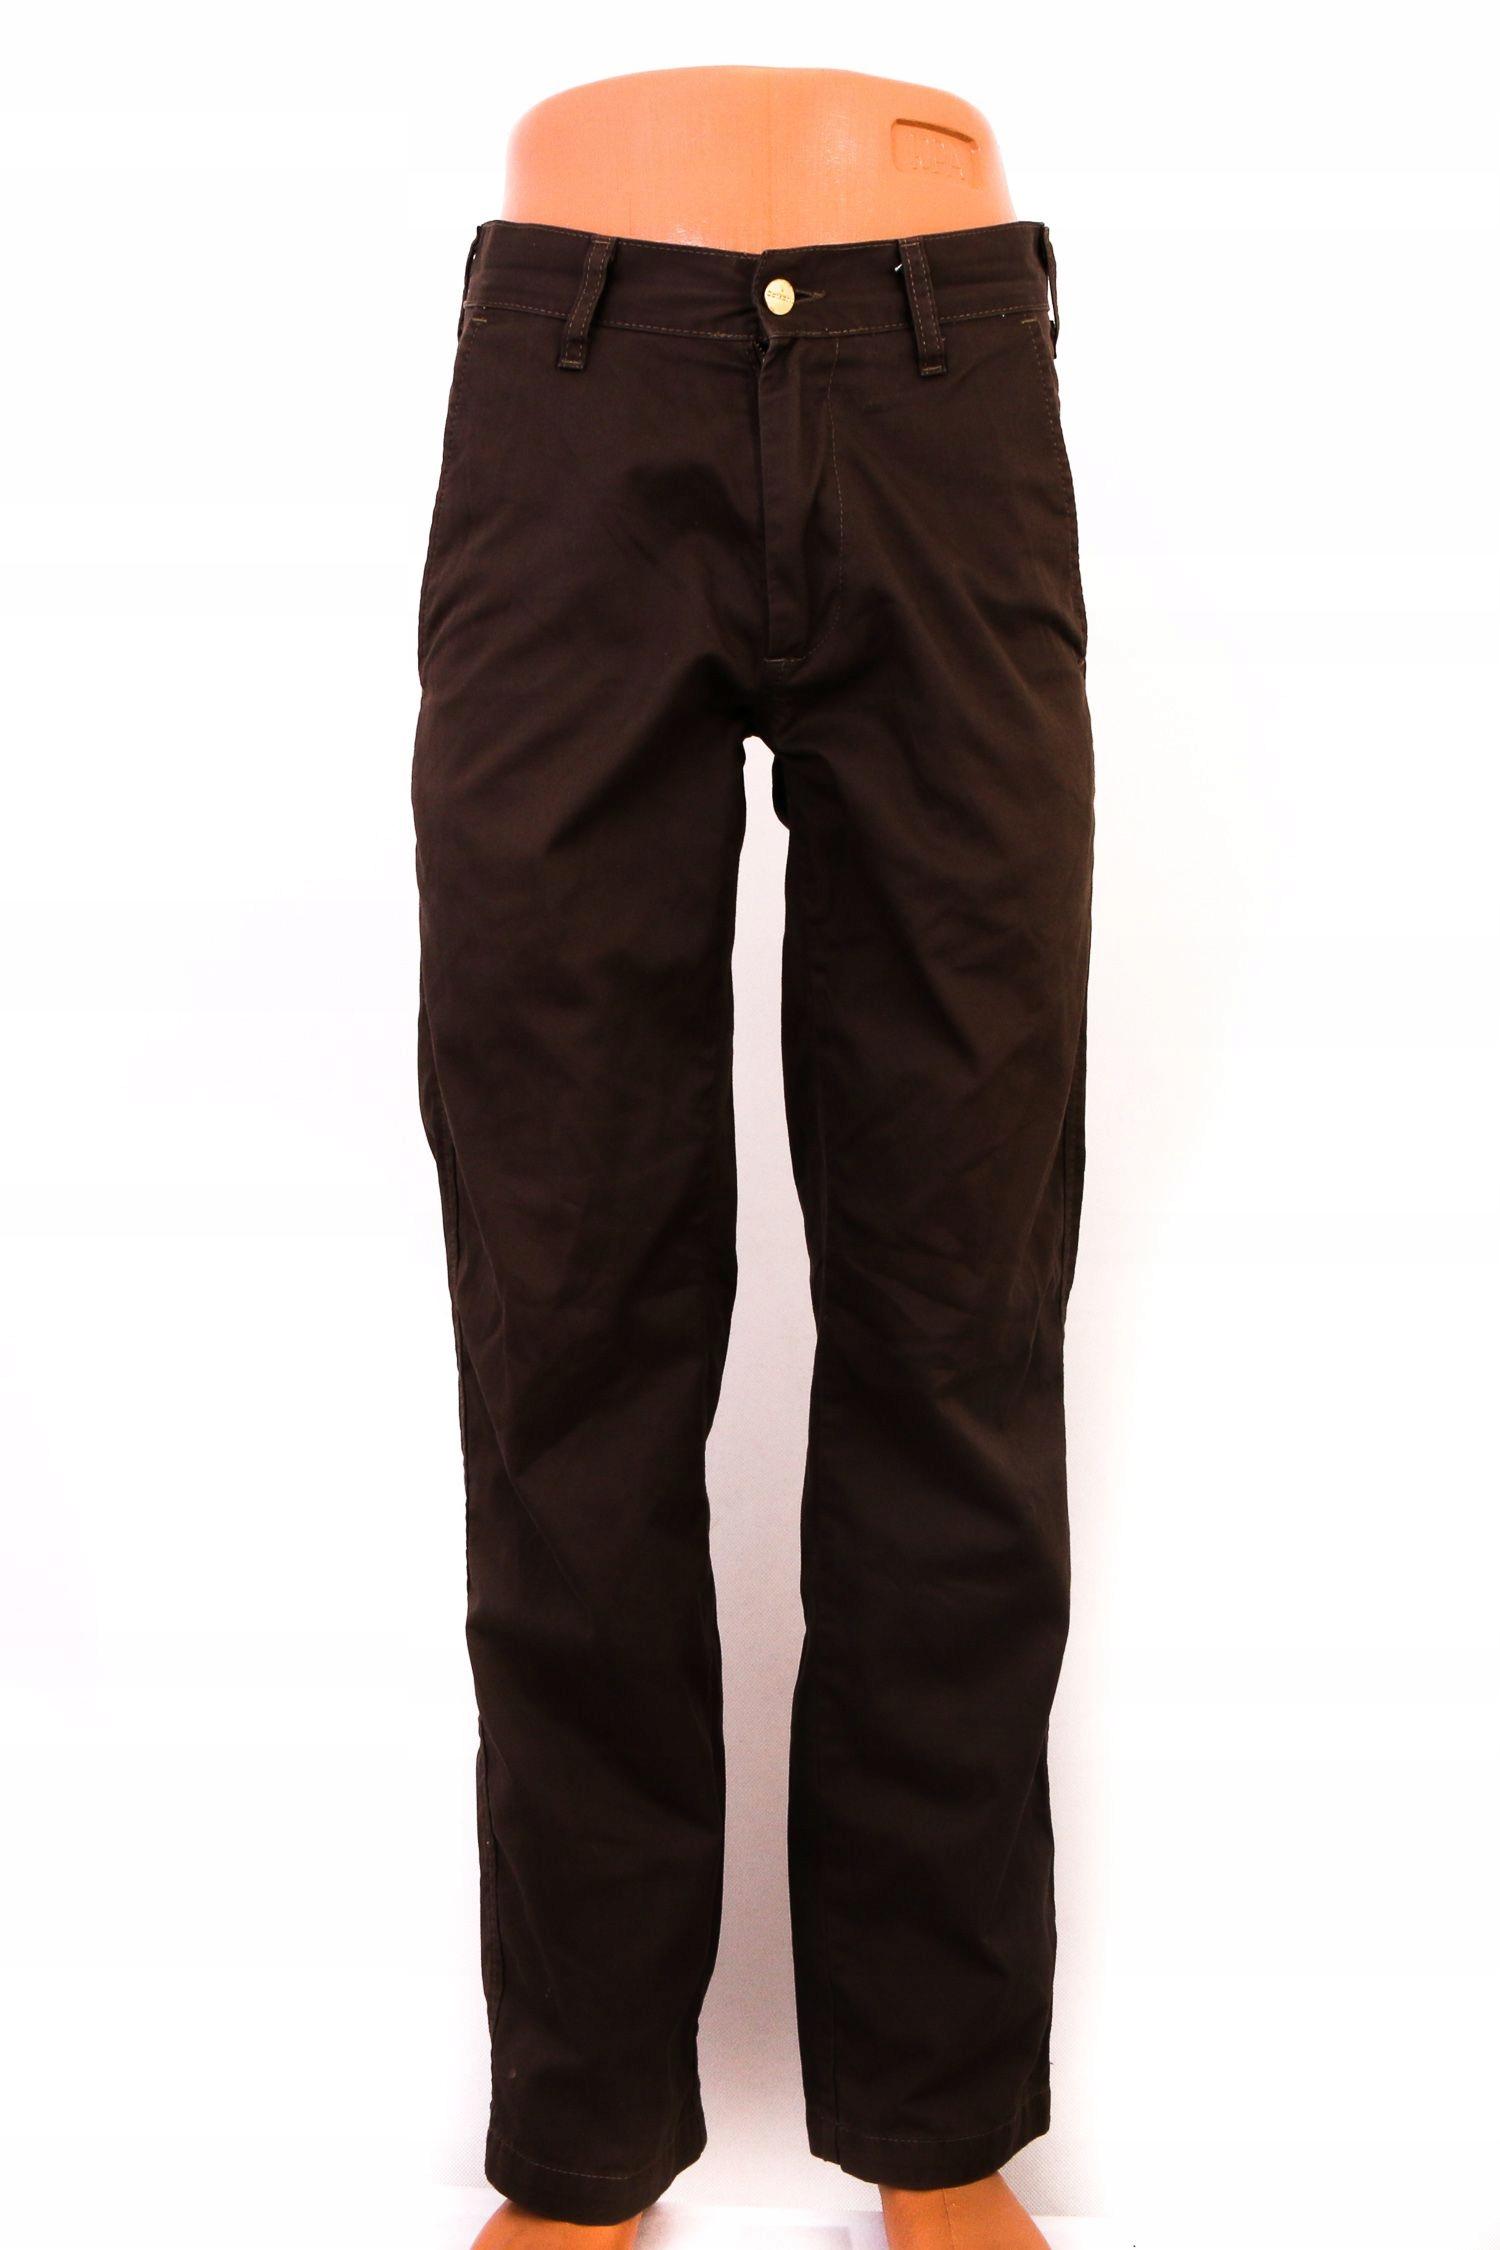 Carhartt Spodnie Męskie Materiałowe roz W29 L32